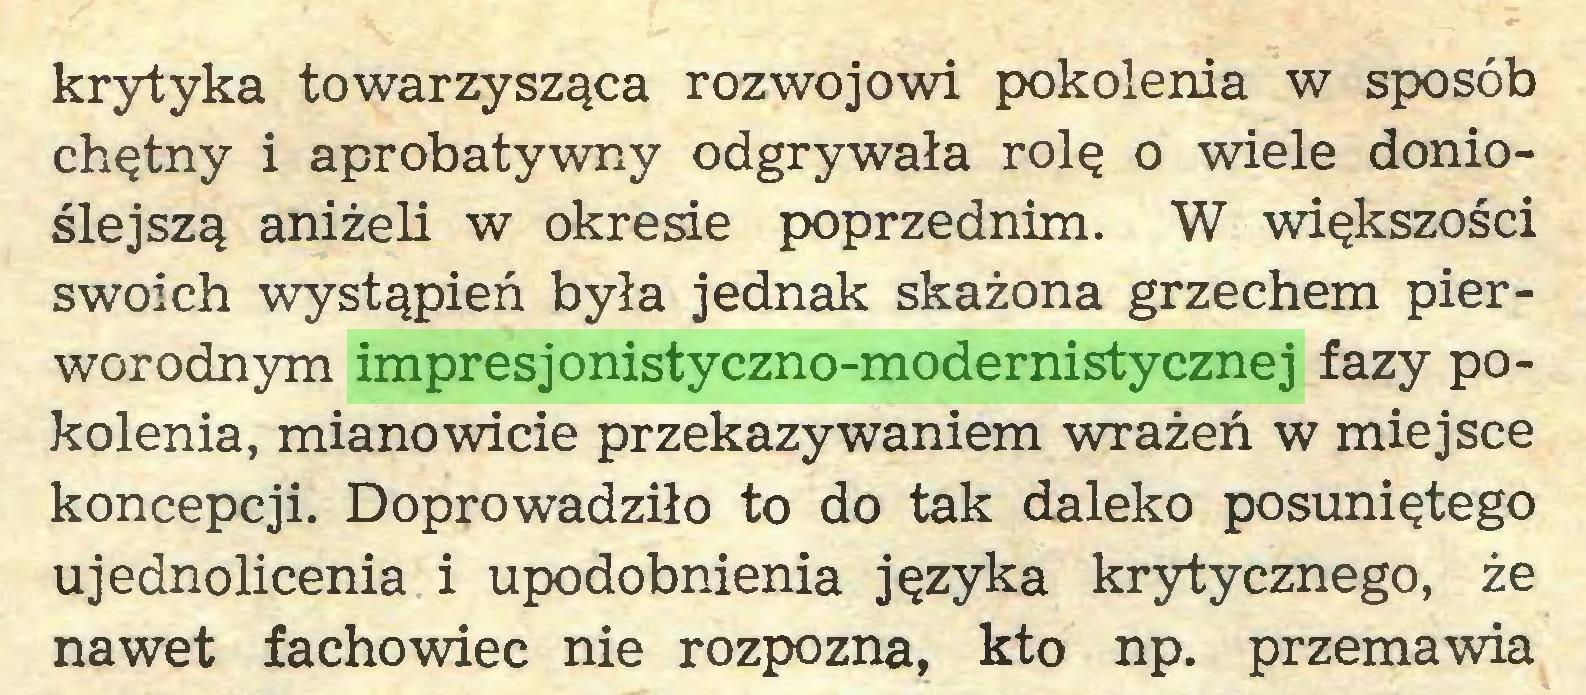 (...) krytyka towarzysząca rozwojowi pokolenia w sposób chętny i aprobatywny odgrywała rolę o wiele donioślejszą aniżeli w okresie poprzednim. W większości swoich wystąpień była jednak skażona grzechem pierworodnym impresjonistyczno-modernistycznej fazy pokolenia, mianowicie przekazywaniem wrażeń w miejsce koncepcji. Doprowadziło to do tak daleko posuniętego ujednolicenia i upodobnienia języka krytycznego, że nawet fachowiec nie rozpozna, kto np. przemawia...